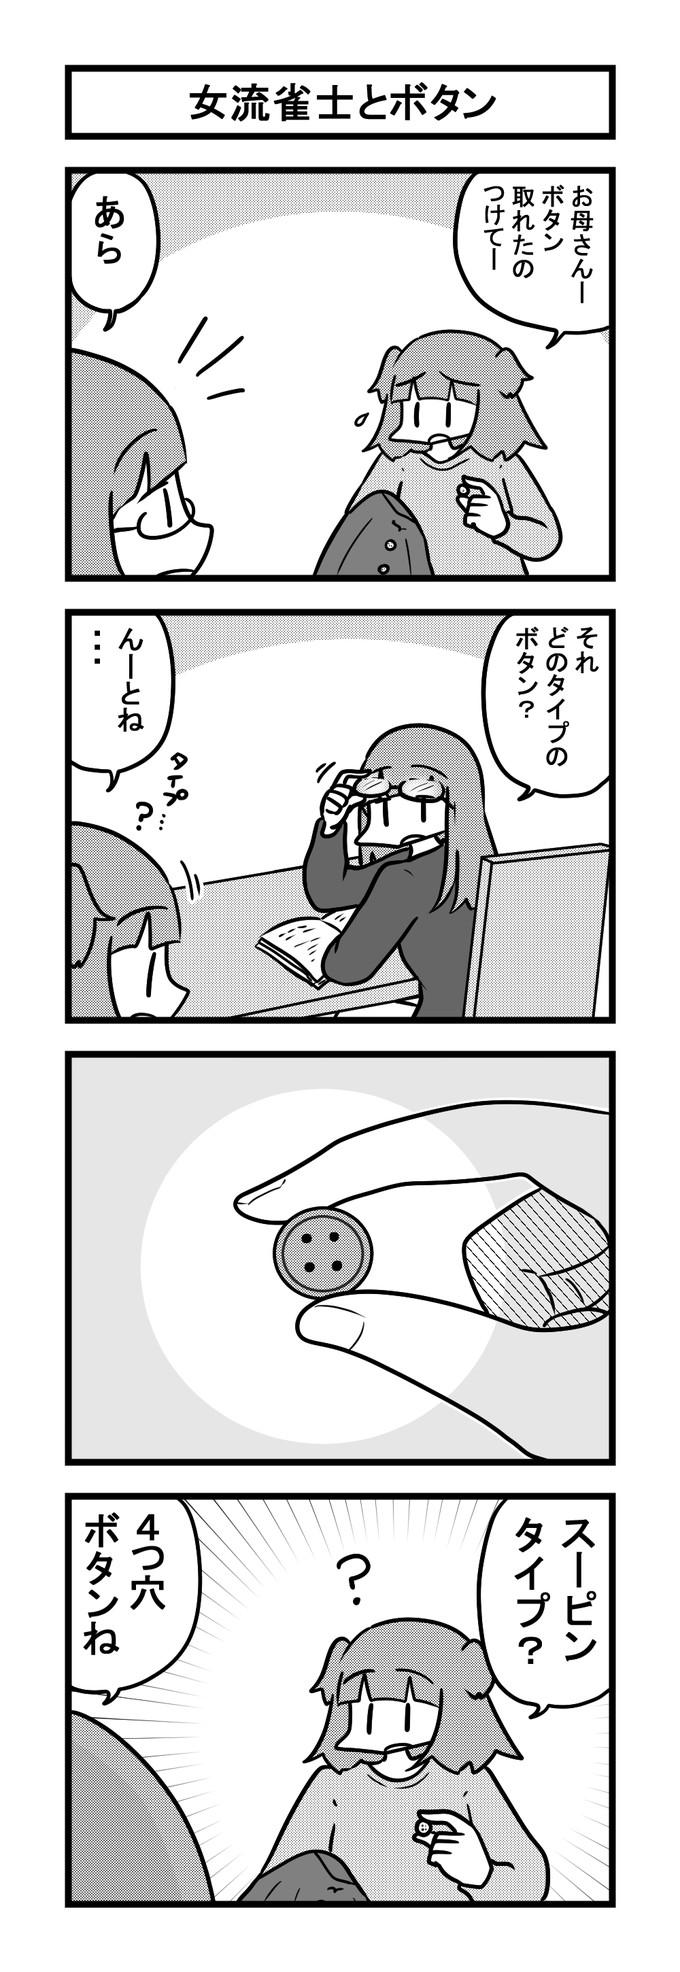 979女流雀士とボタン-min